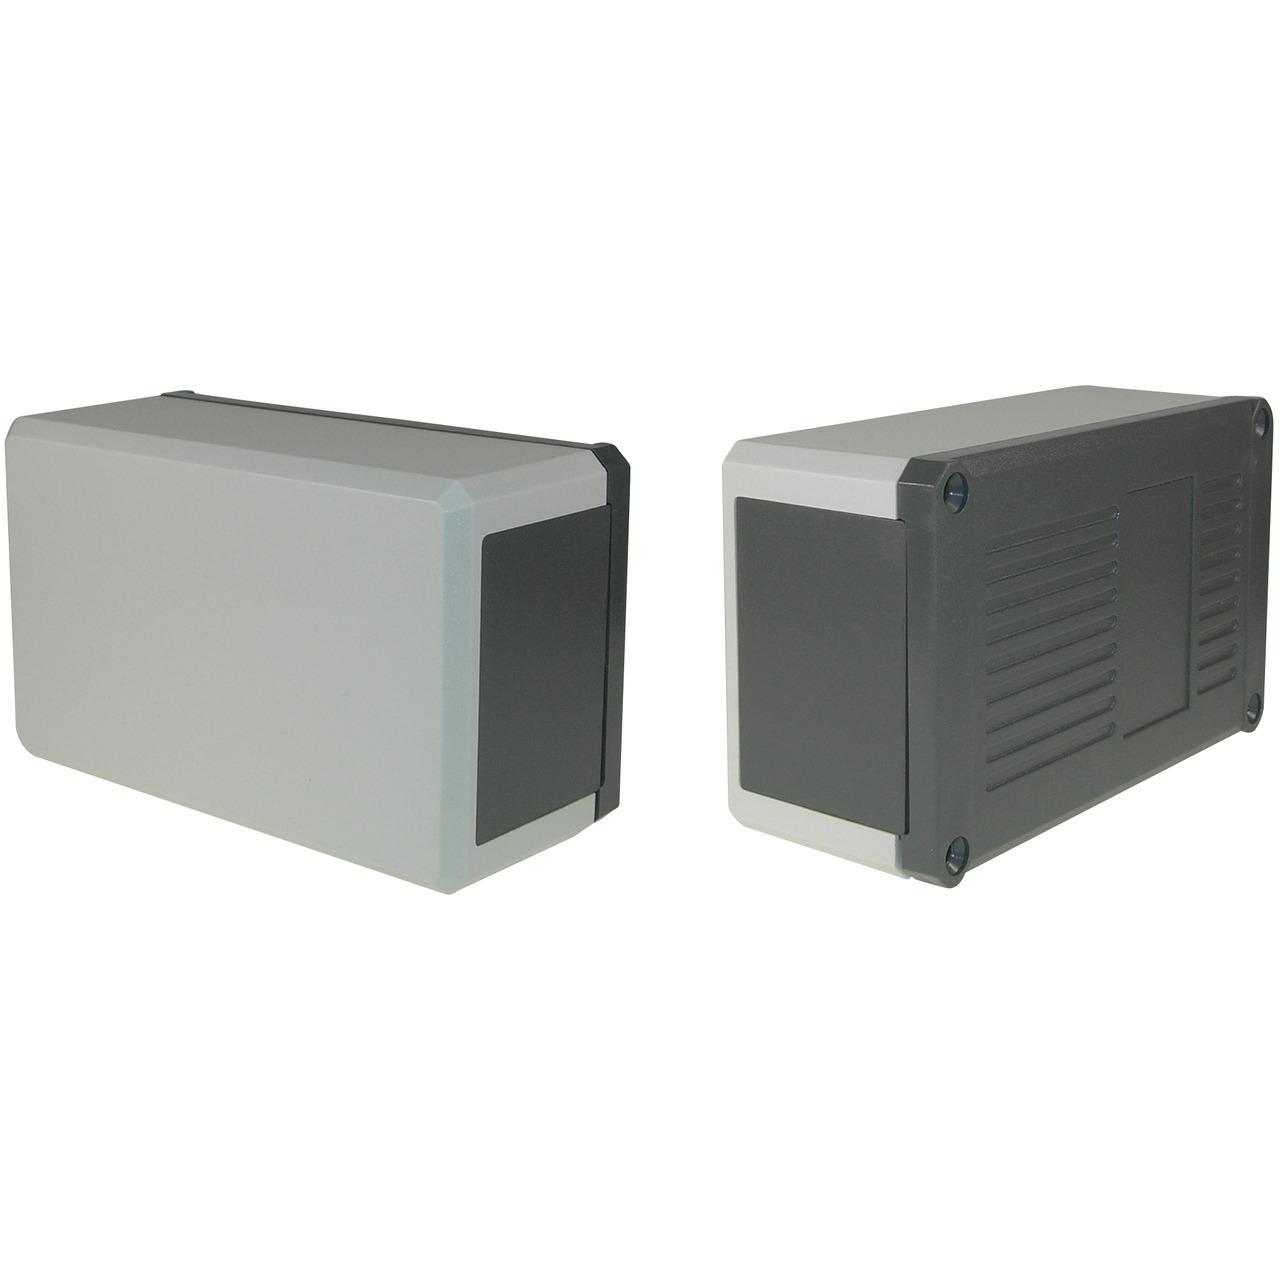 Strapubox Kunststoff-Gehäuse KG 200 ABS 138 x 84 x 58 mm- grau